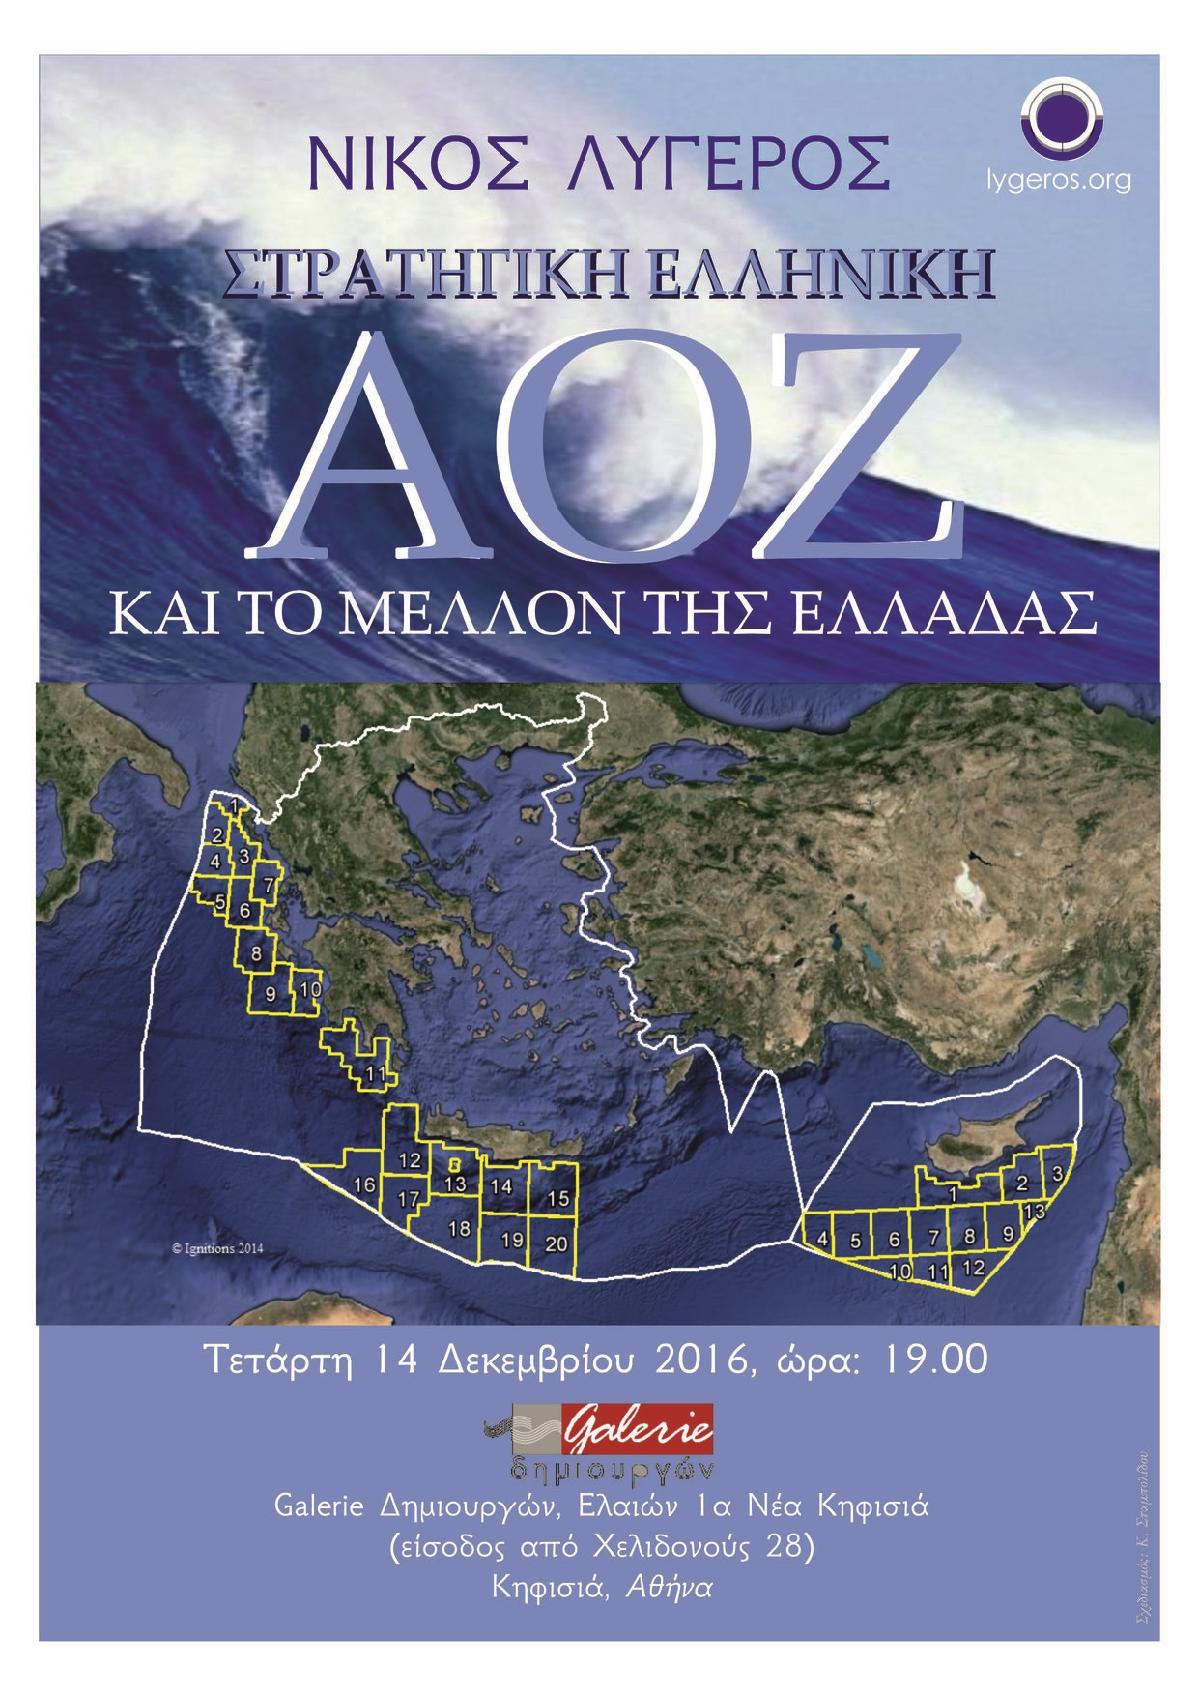 Διάλεξη: Στρατηγική Ελληνική ΑΟΖ και το μέλλον της Ελλάδας